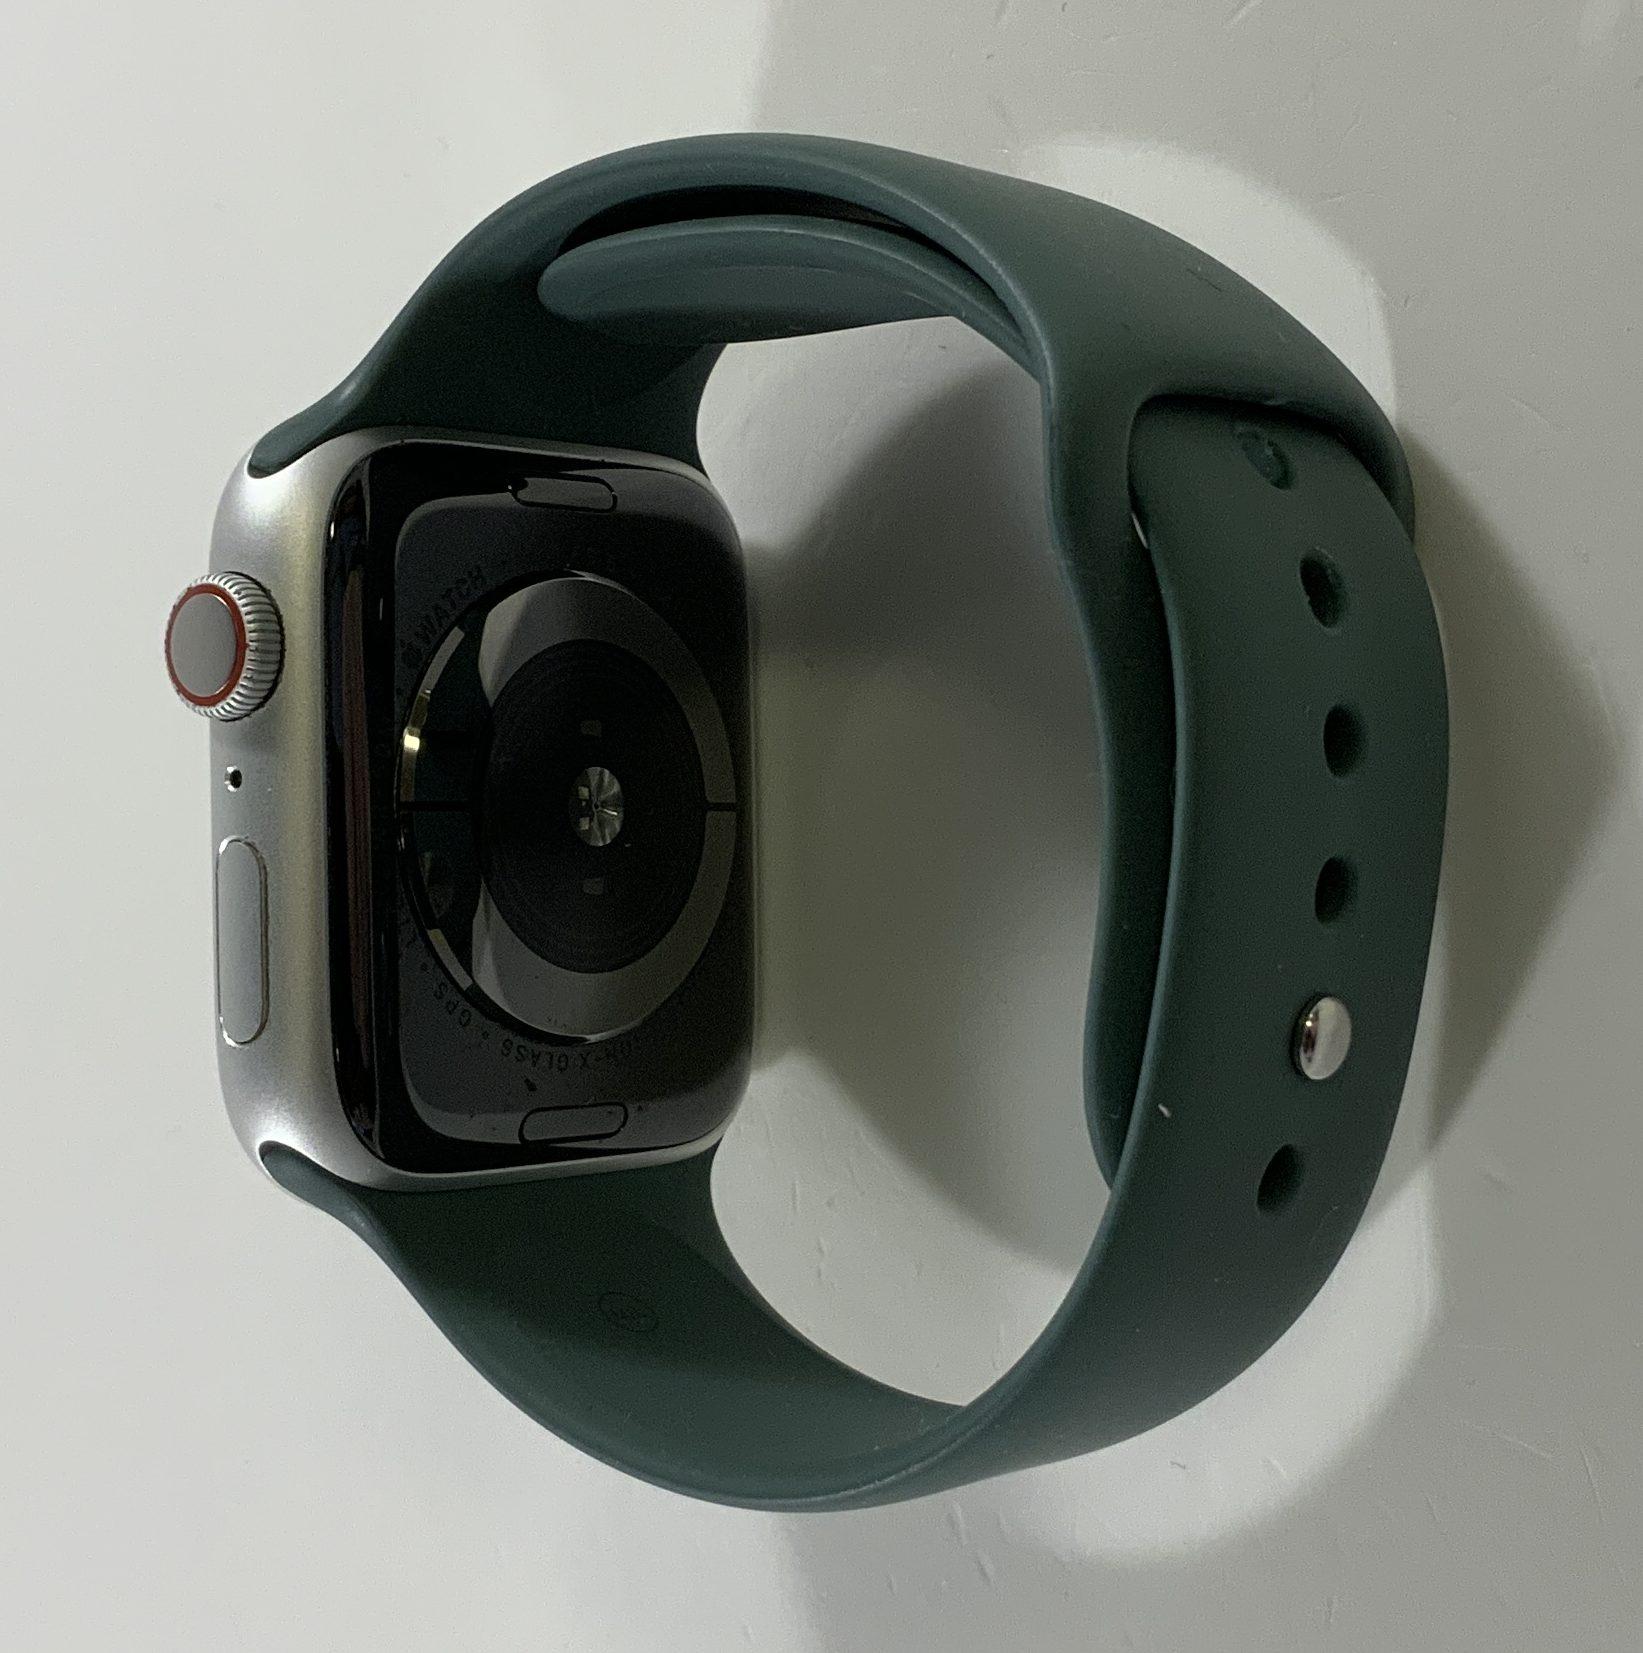 Watch Series 5 Aluminum Cellular (44mm), Silver, bild 2